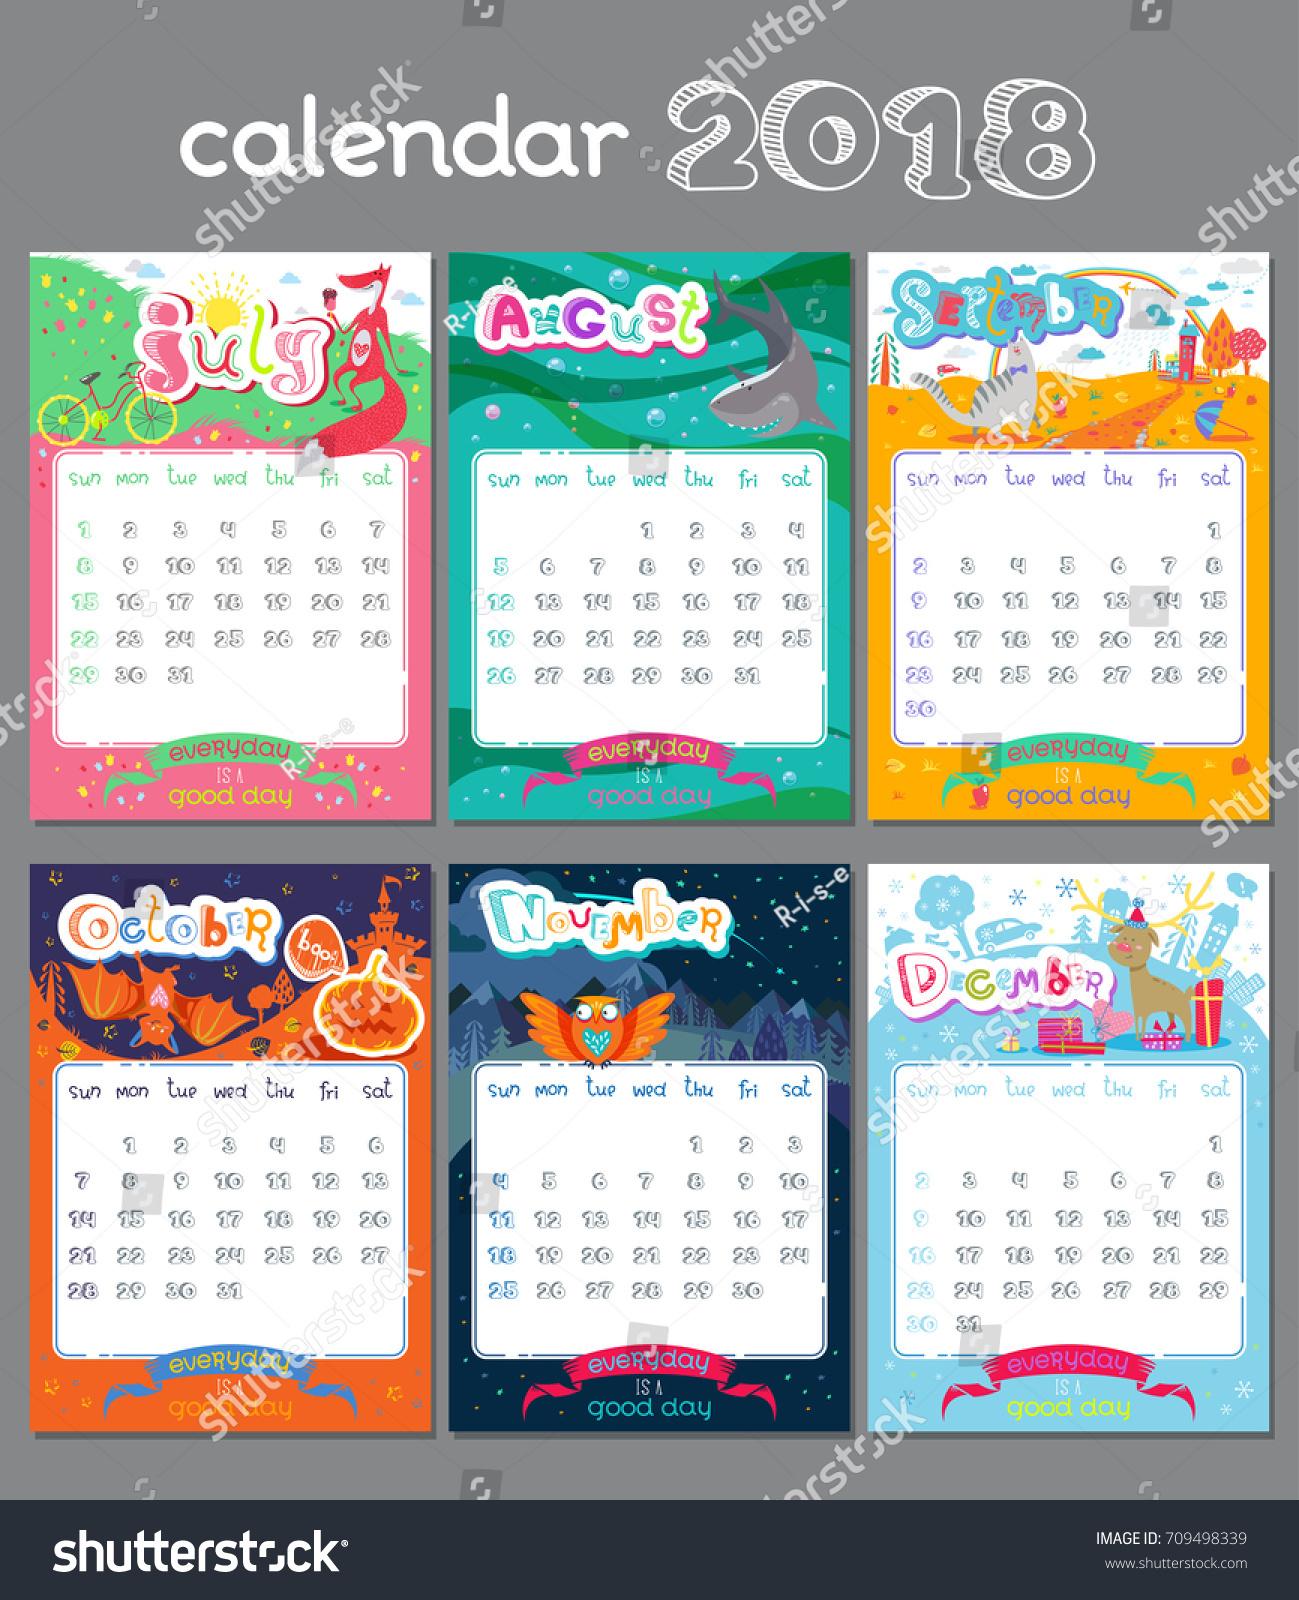 Doodle Calendar Design 2018 Year Vector Stock Vector With Regard To Everyday Is A Holiday Calendar